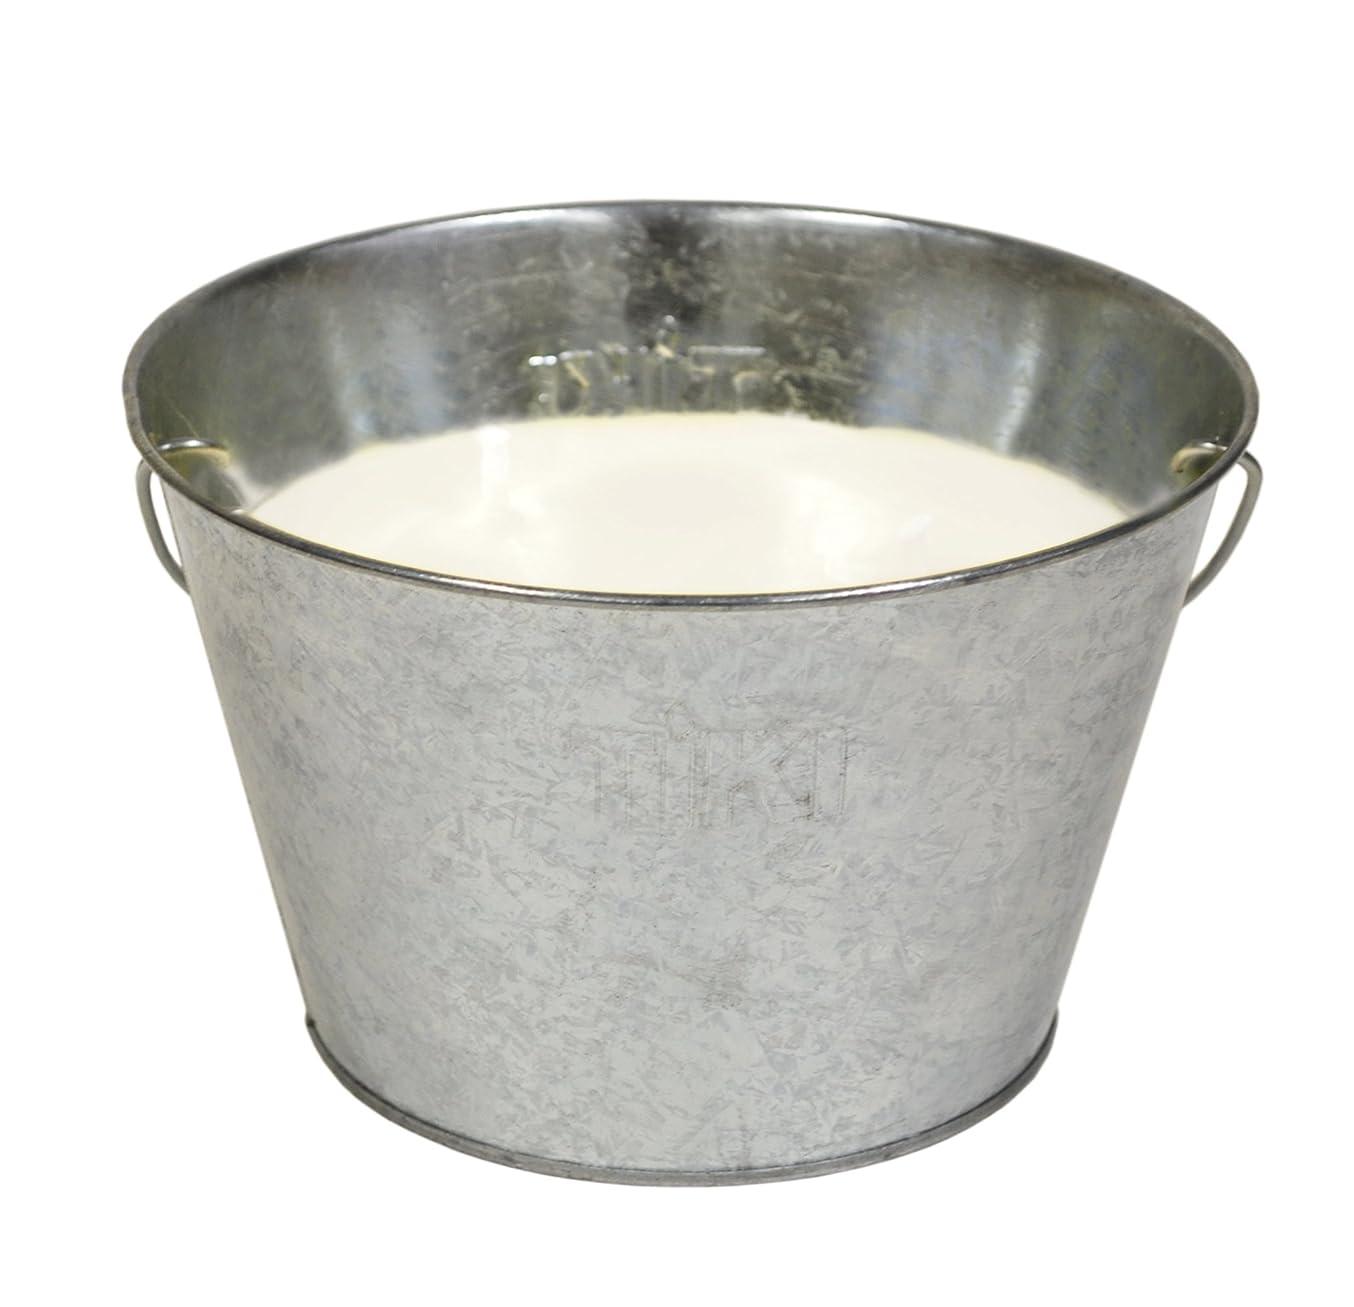 TIKI Brand Triple-Wick Galvanized Citronella Candle Bucket, 28 Ounce